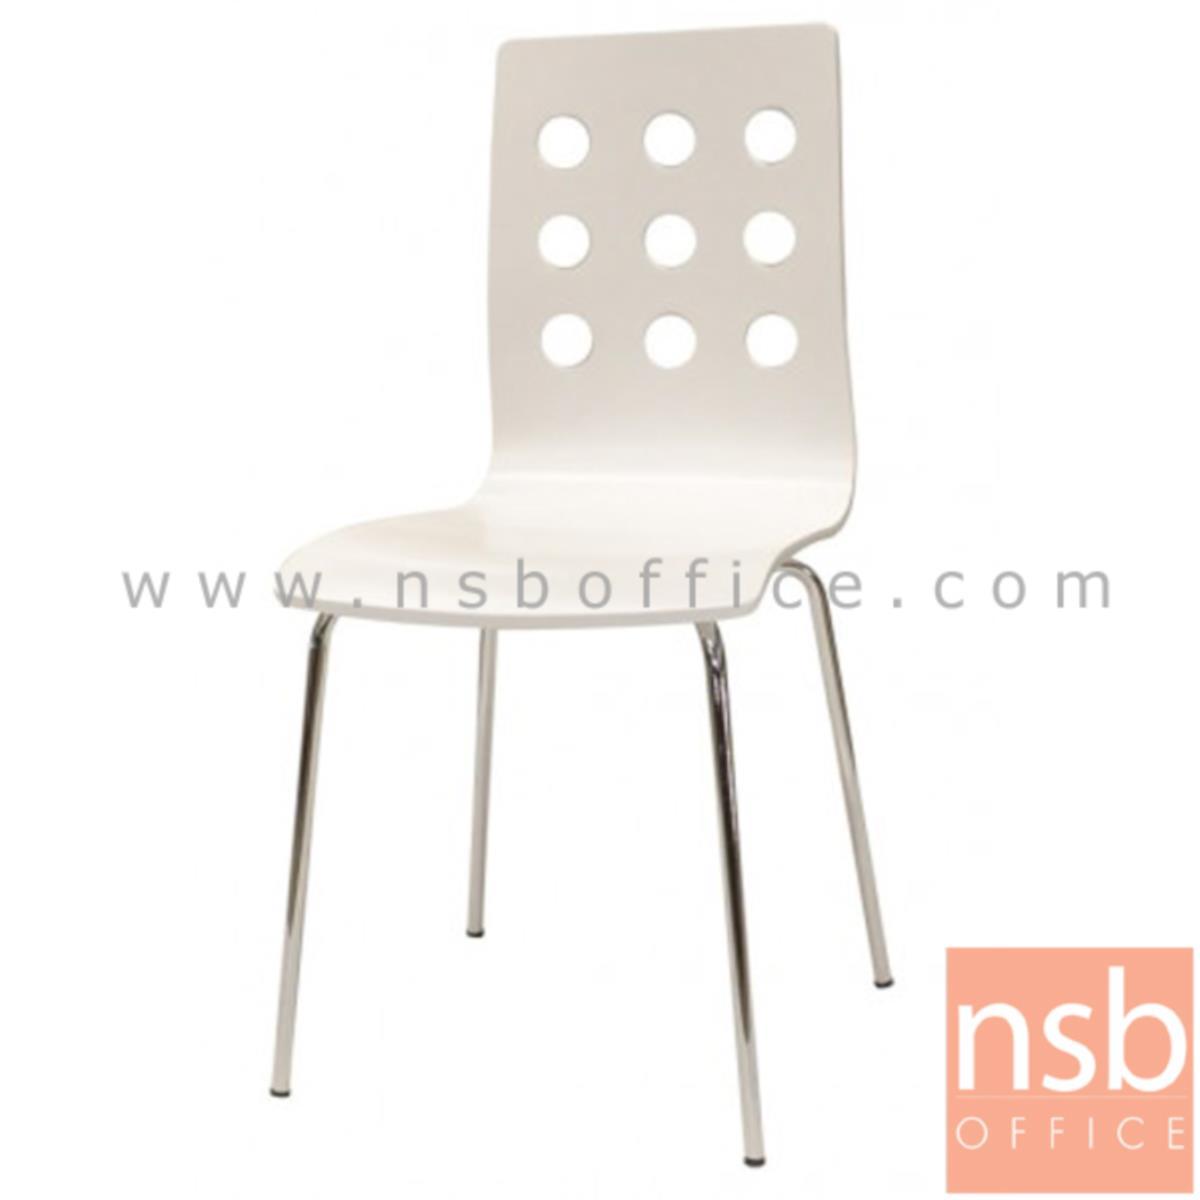 เก้าอี้อเนกประสงค์ไม้วีเนียร์ดัด รุ่น Petsch (เพตช์)  ขาเหล็กชุบโครเมี่ยม